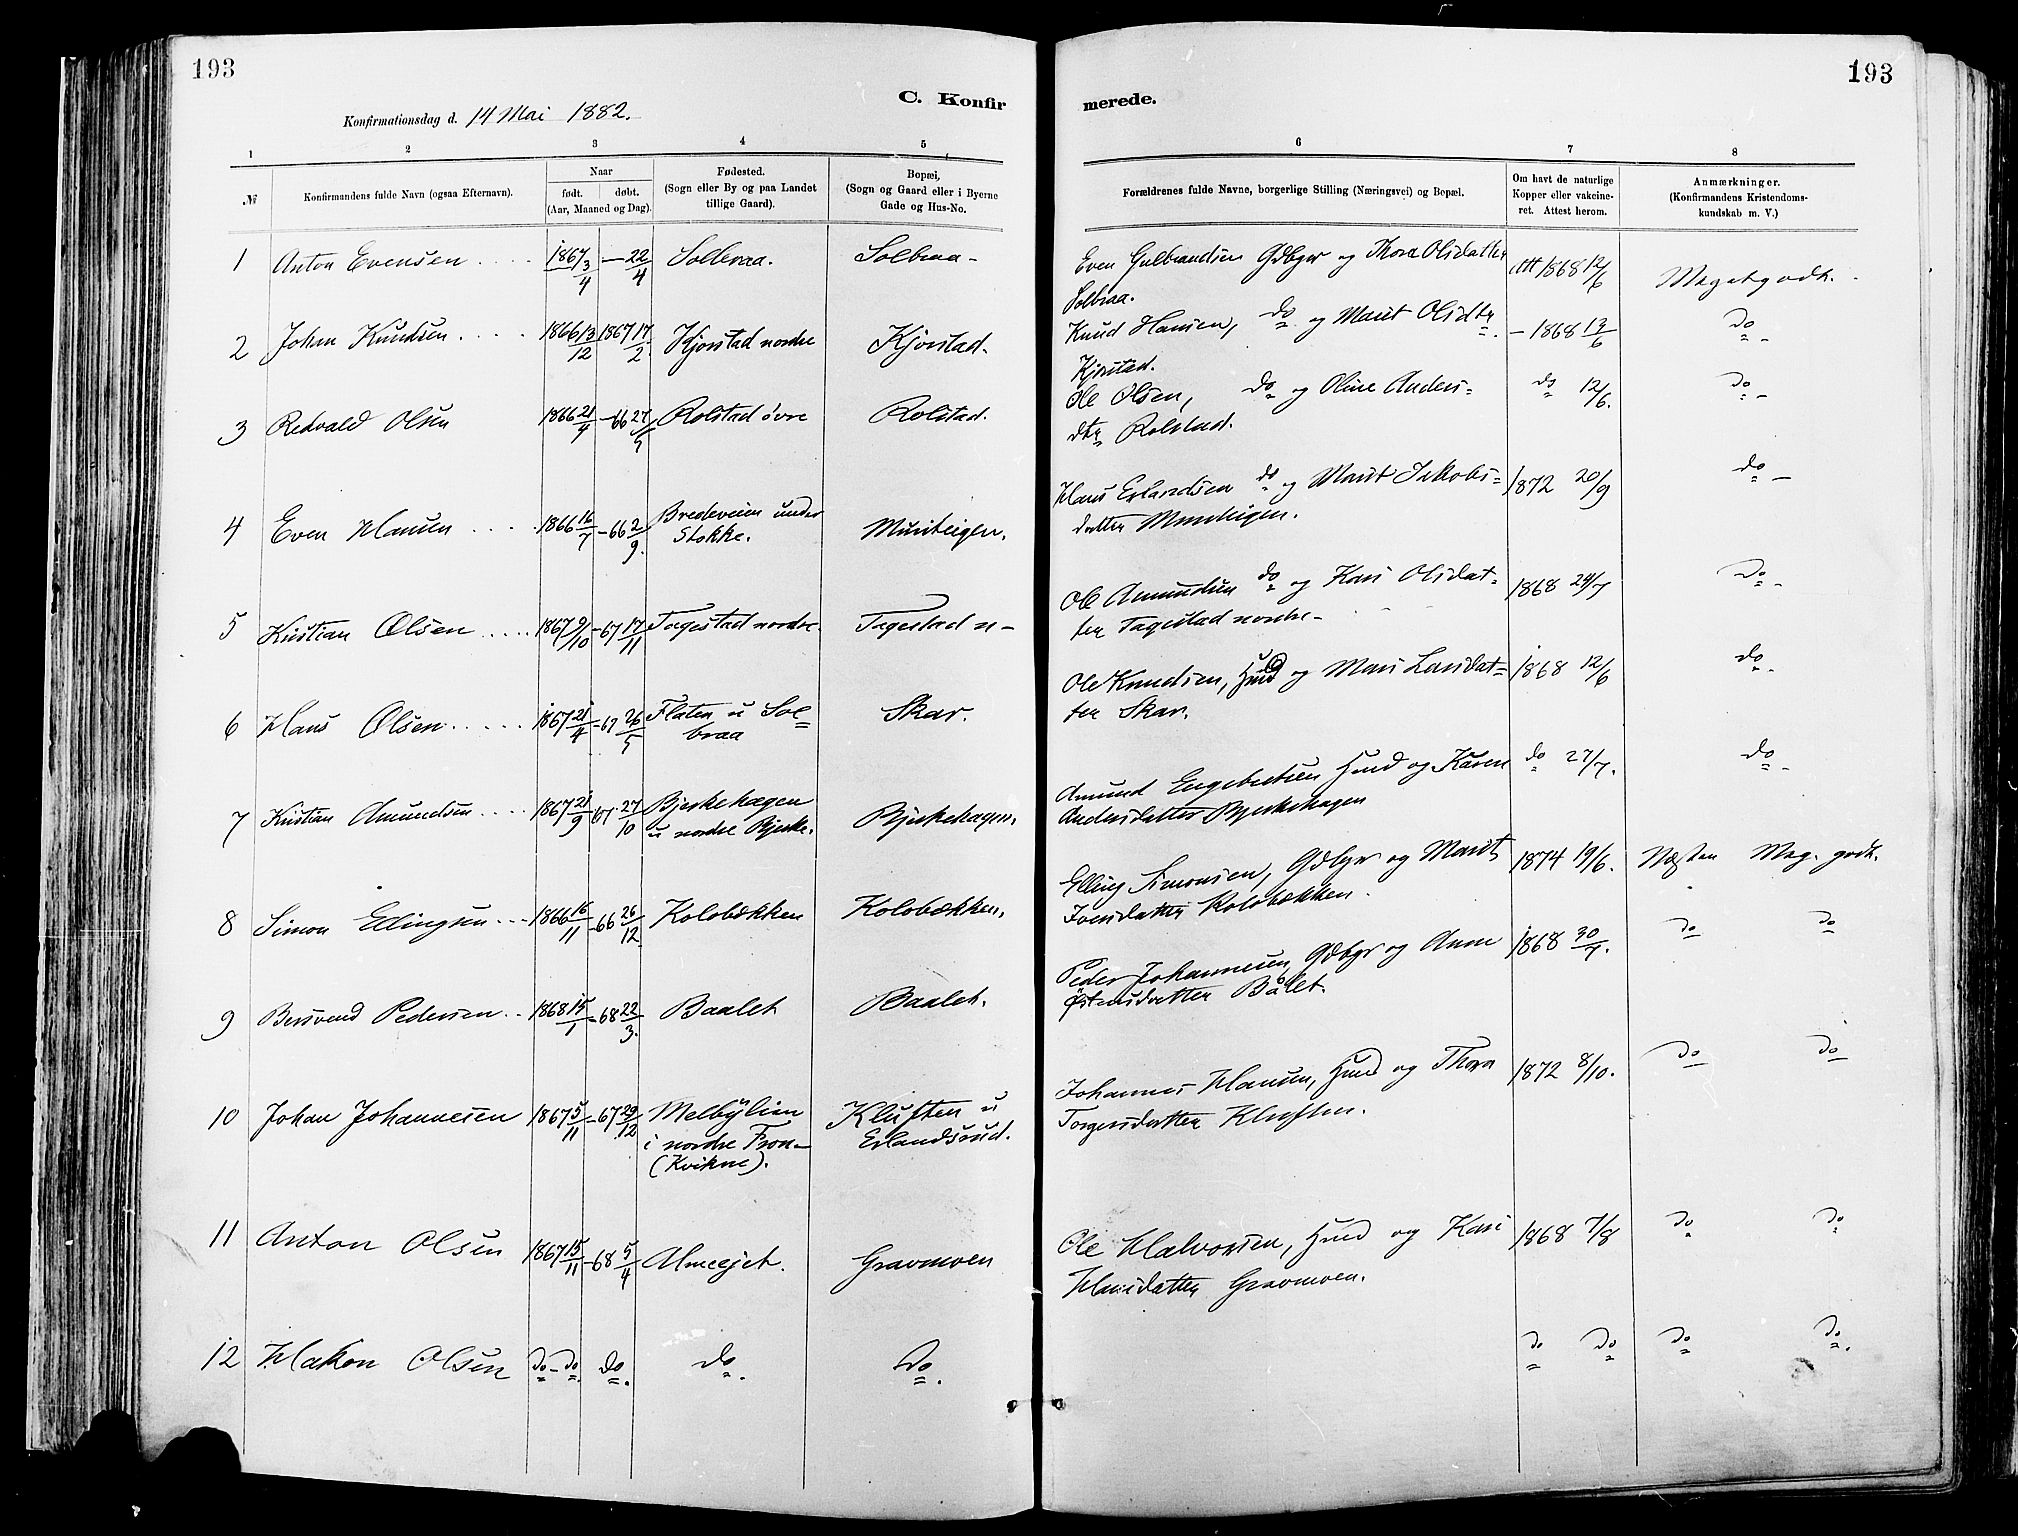 SAH, Sør-Fron prestekontor, H/Ha/Haa/L0003: Ministerialbok nr. 3, 1881-1897, s. 193